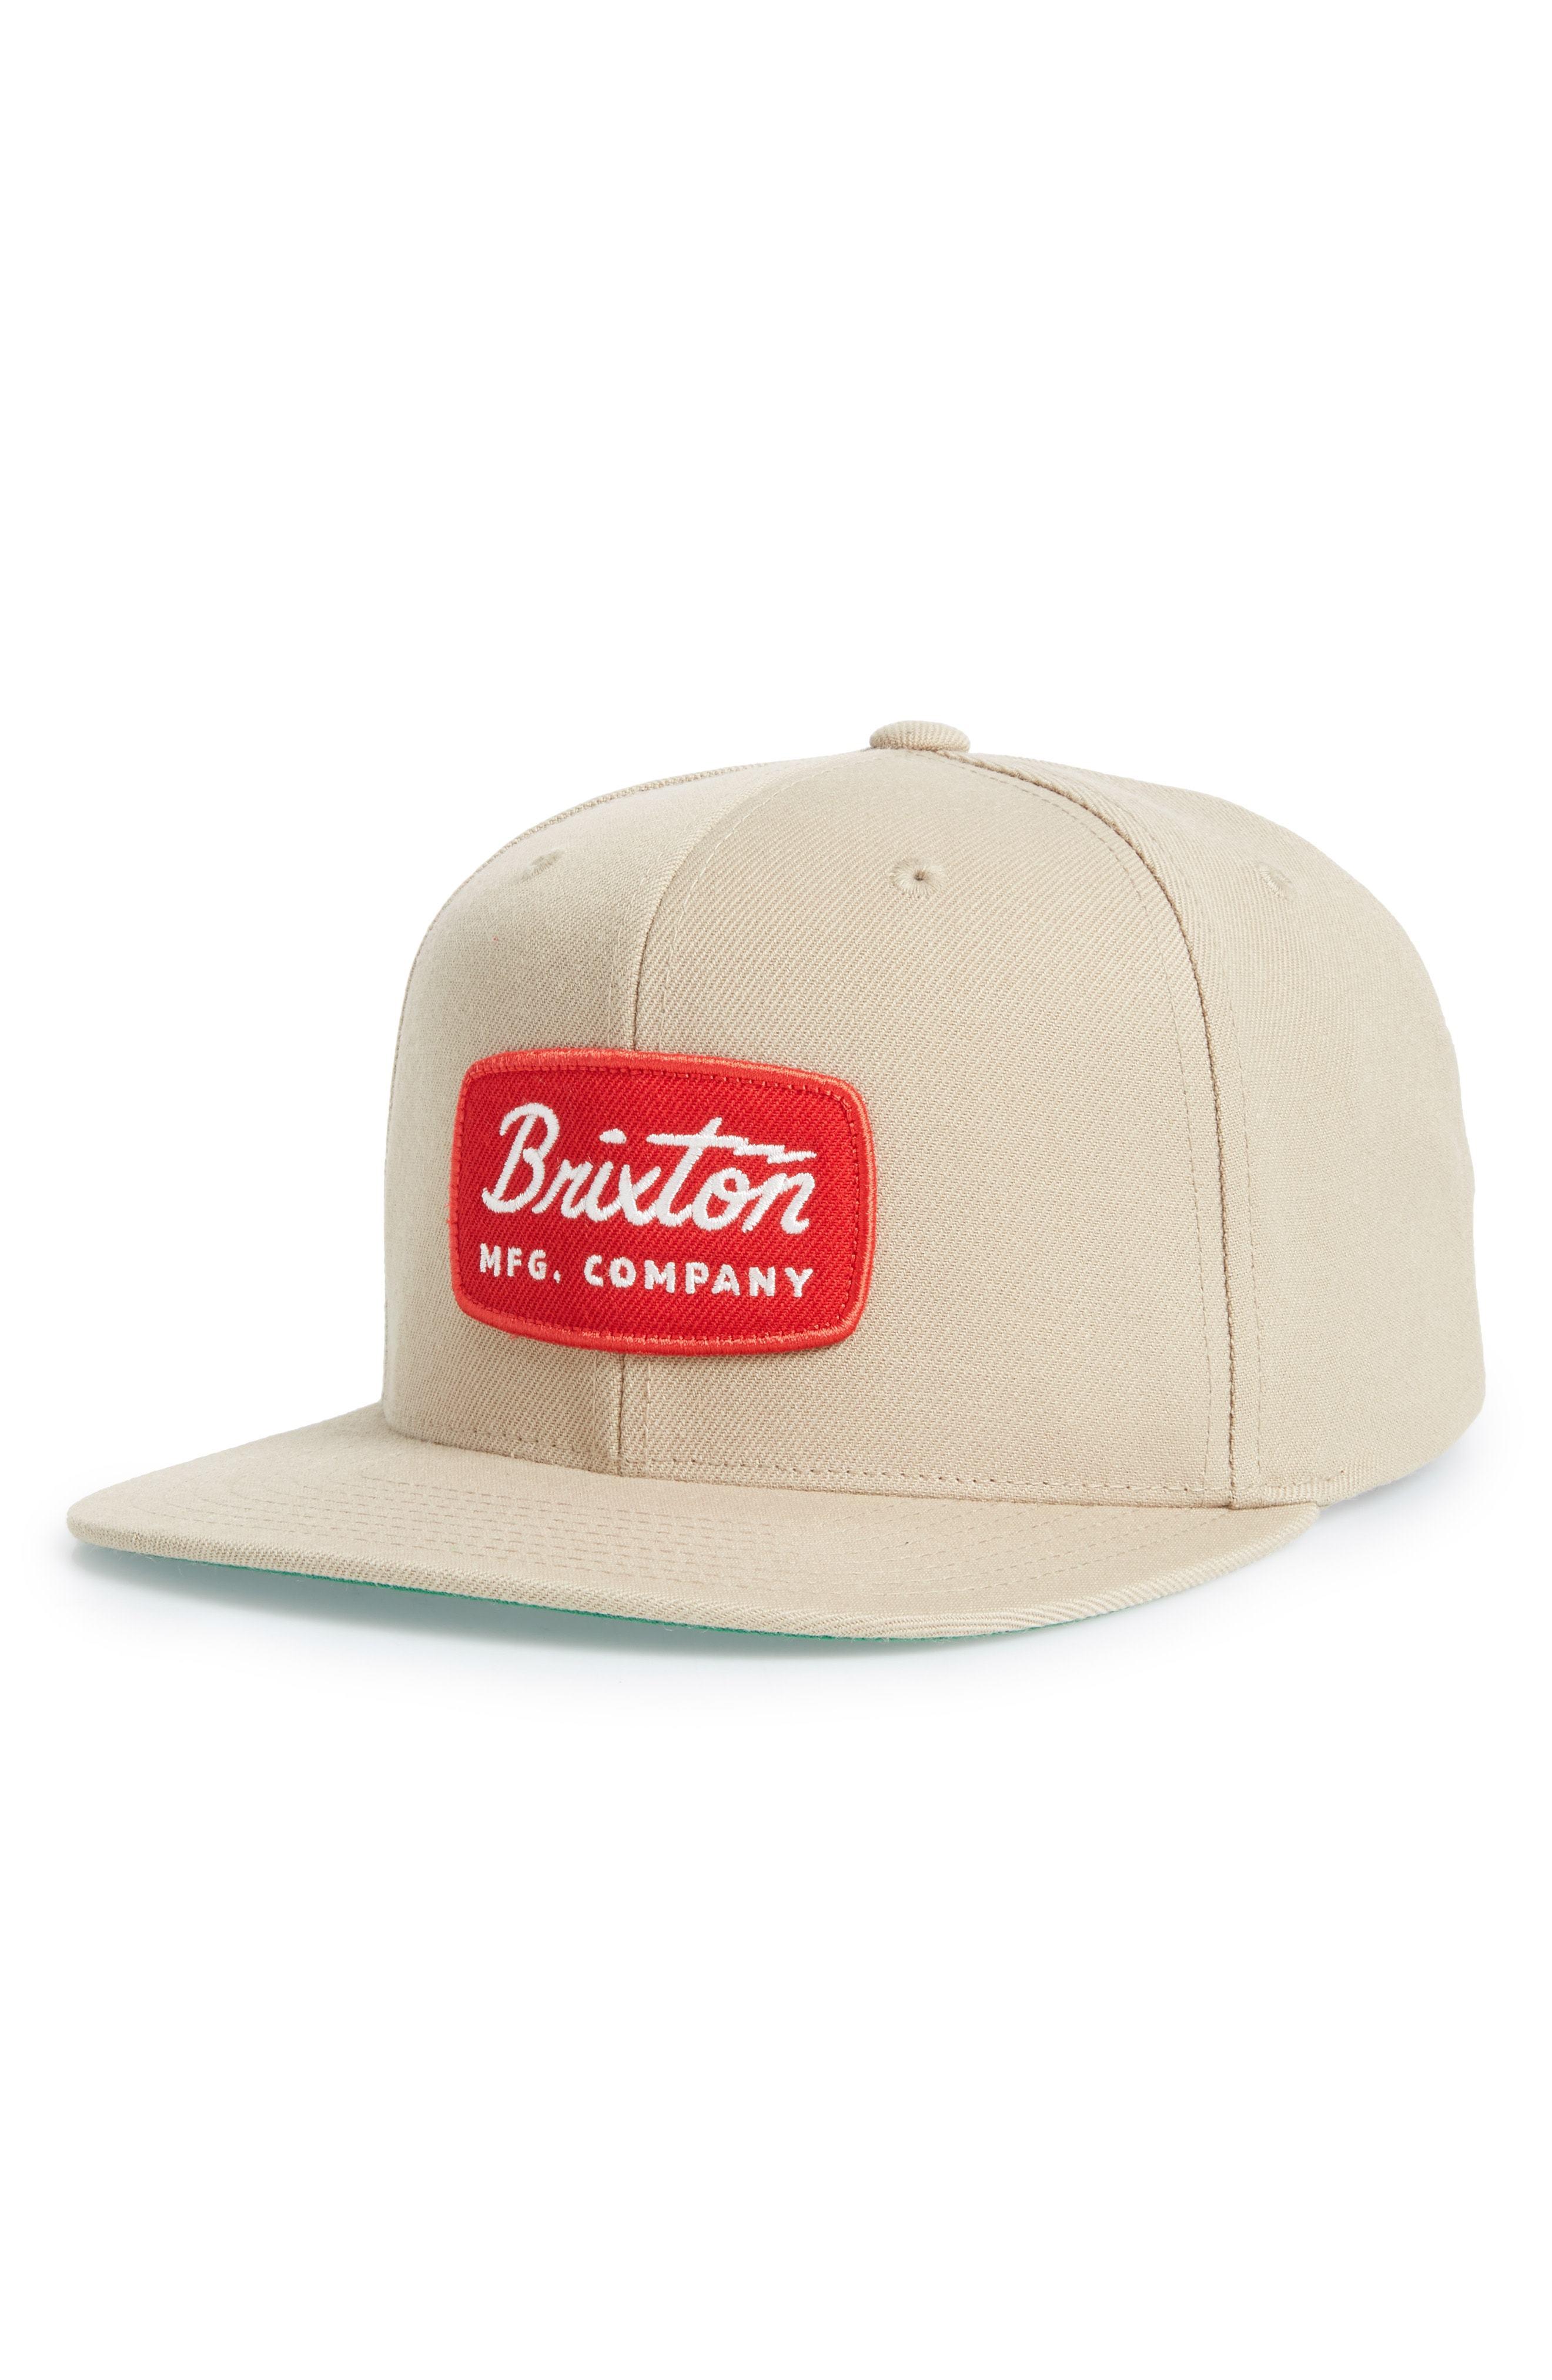 5943dc1f459 ... Baseball Caps Brixton Jolt Snapback Cap